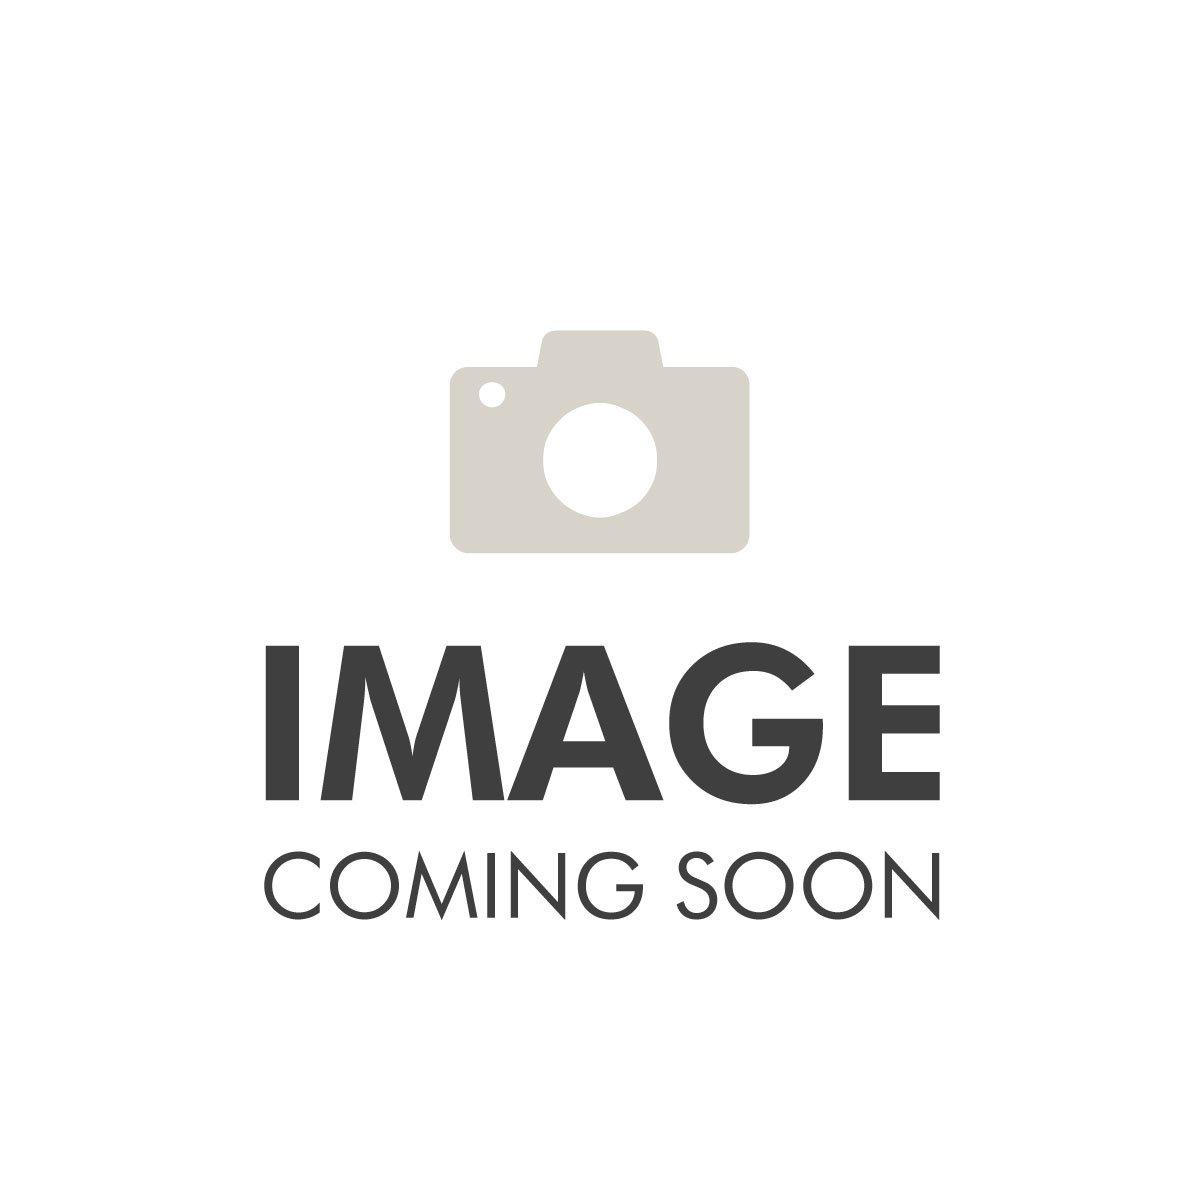 Negrini - Epee Bodywire - Hard Plug